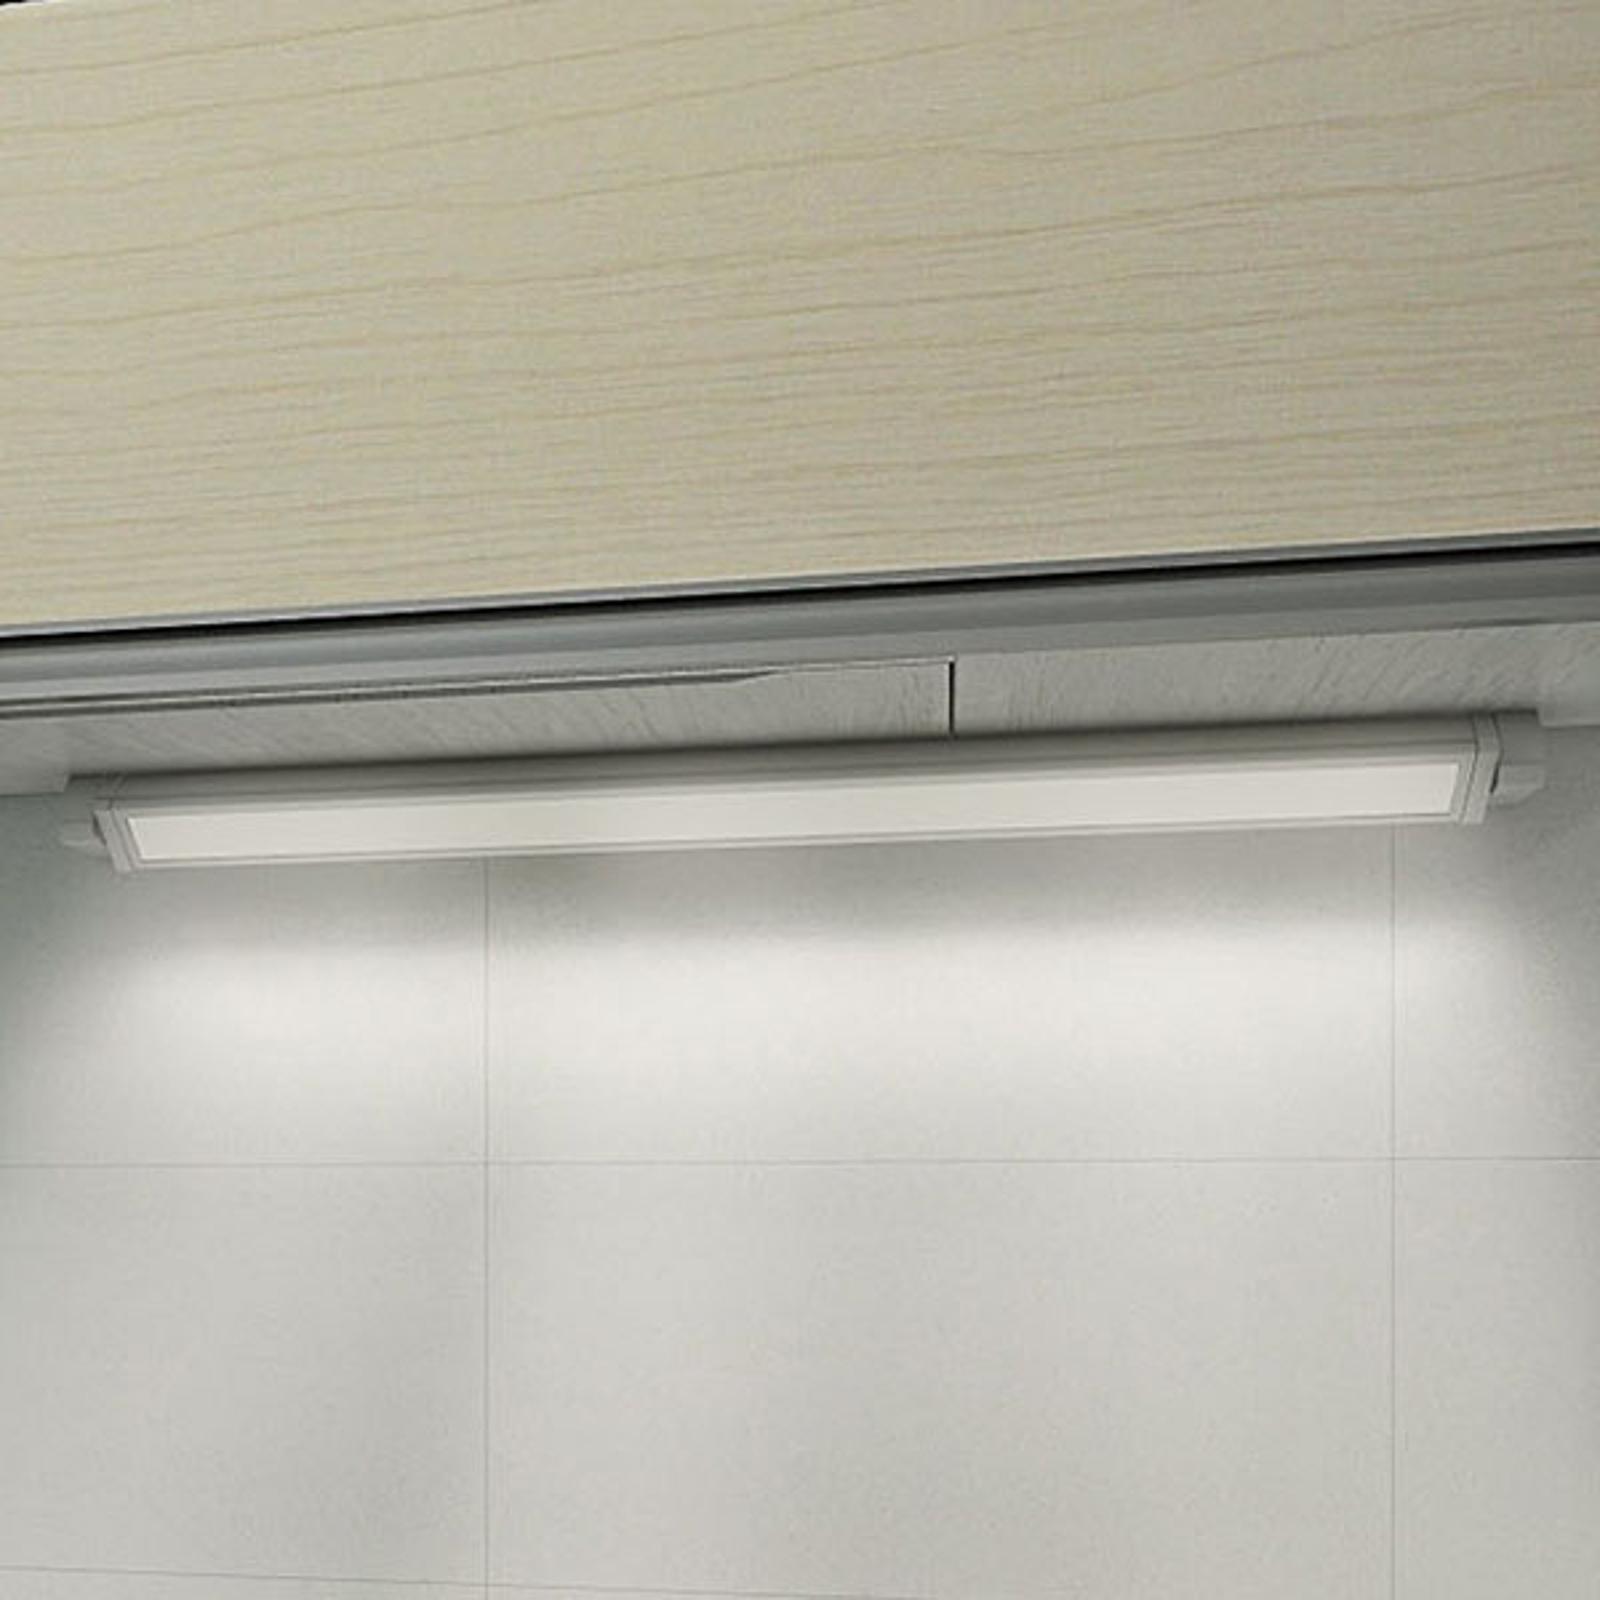 Utenpåliggende LED-møbellampe 957, lengde 77 cm